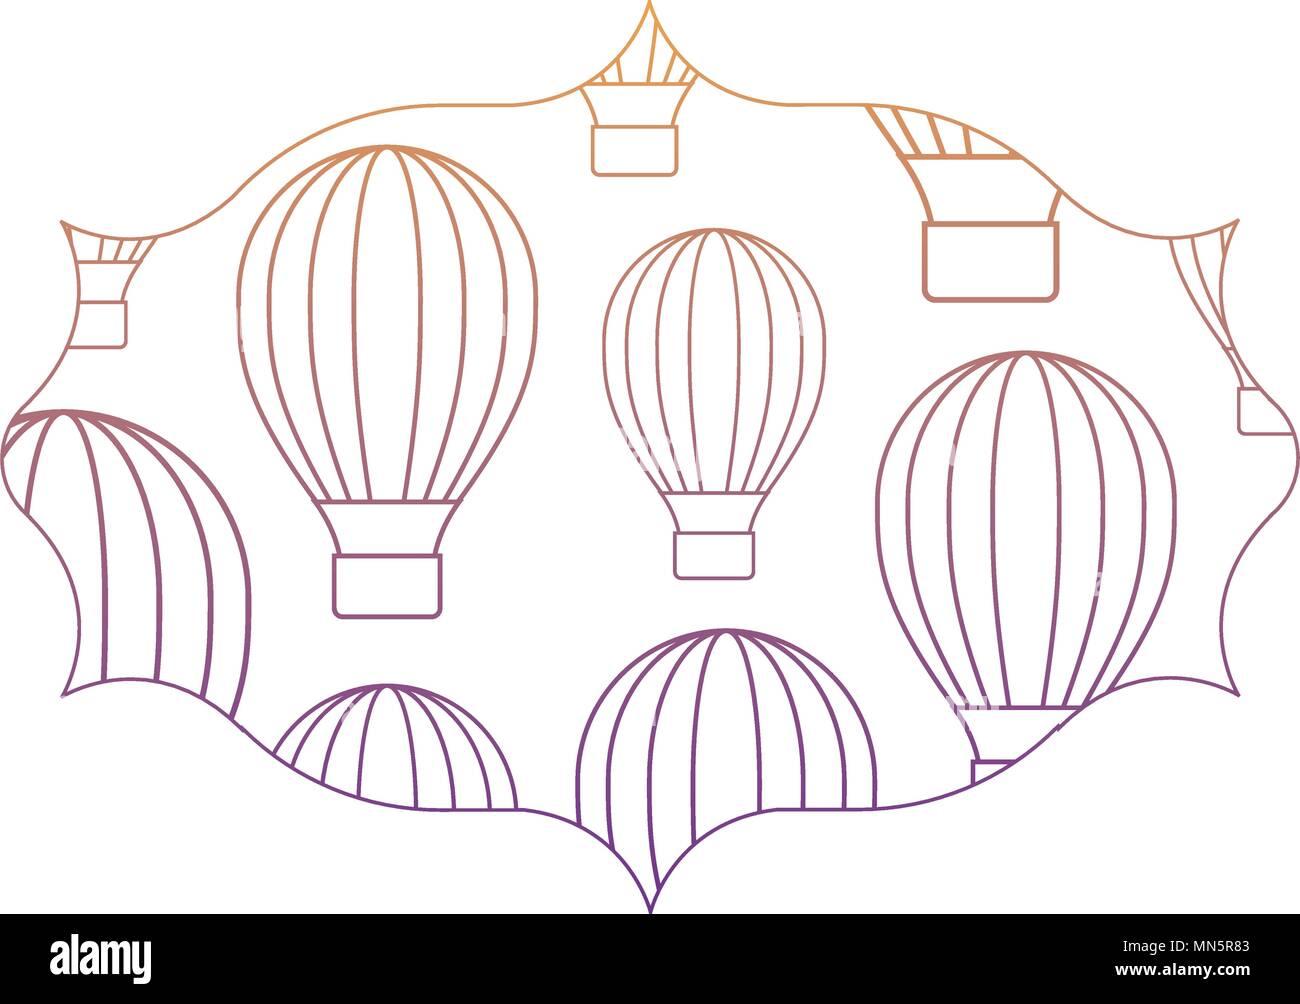 Großartig Ballon Umriss Vorlage Zeitgenössisch - Beispiel Business ...